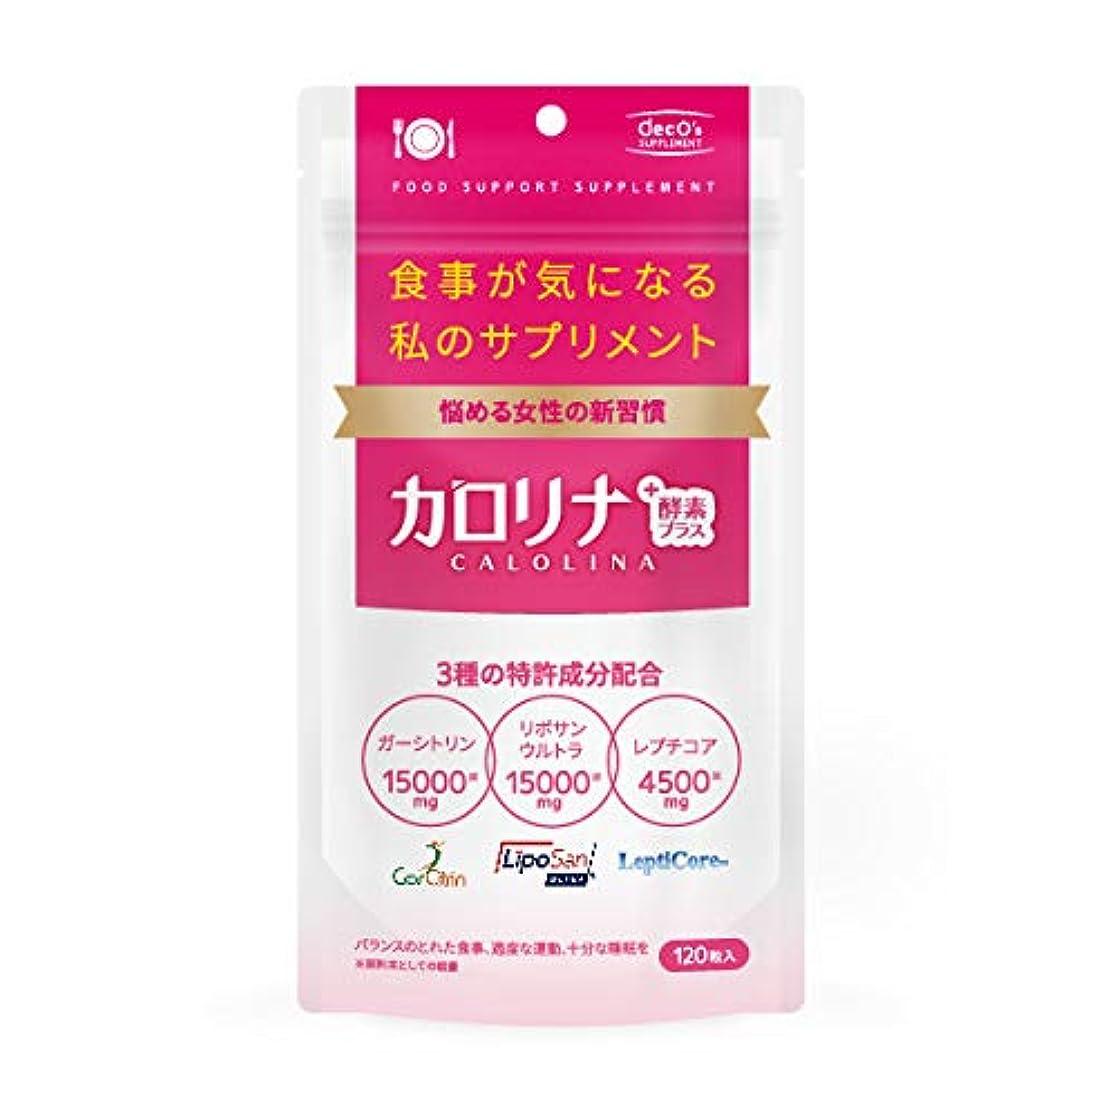 系統的酸素エンドテーブルオイルカット サプリ 【旧】カロリナ酵素プラス ダイエット 酵素